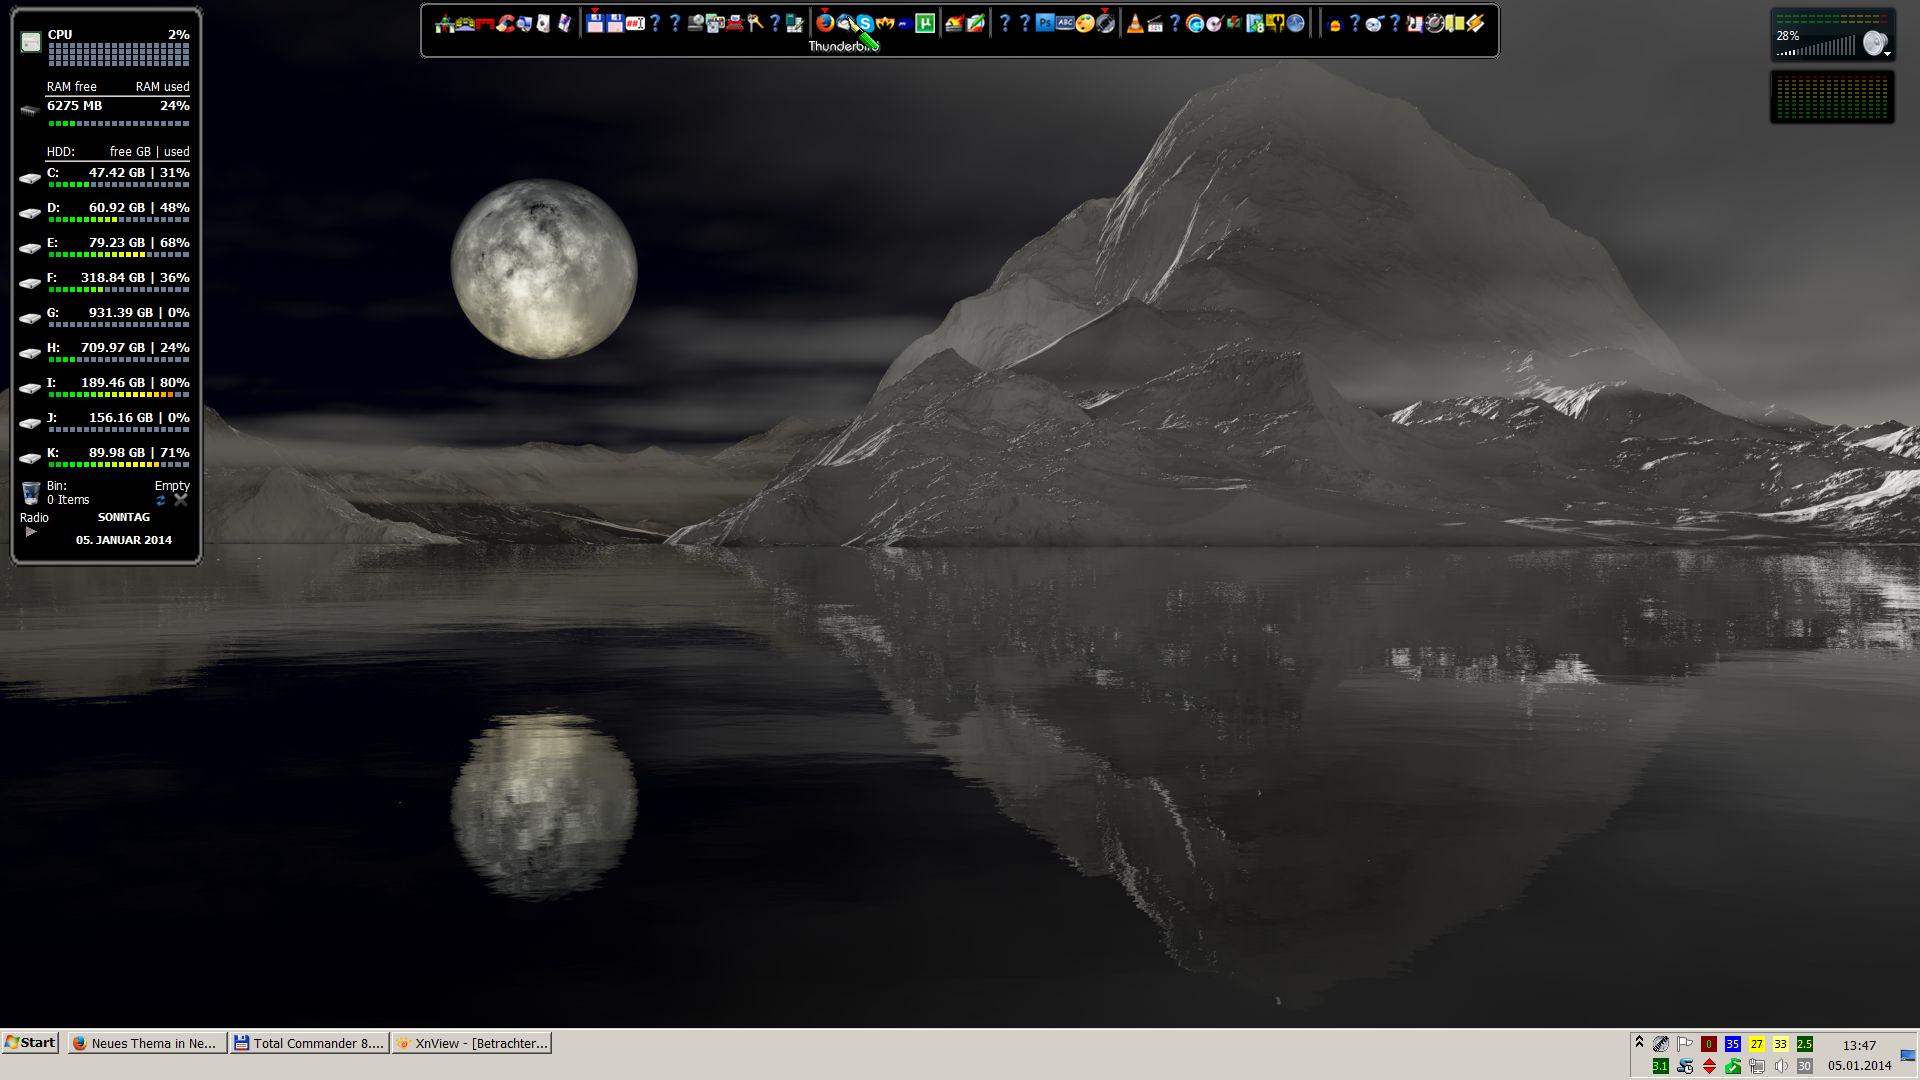 [Bild: 2014-01-05-desktop02.png]